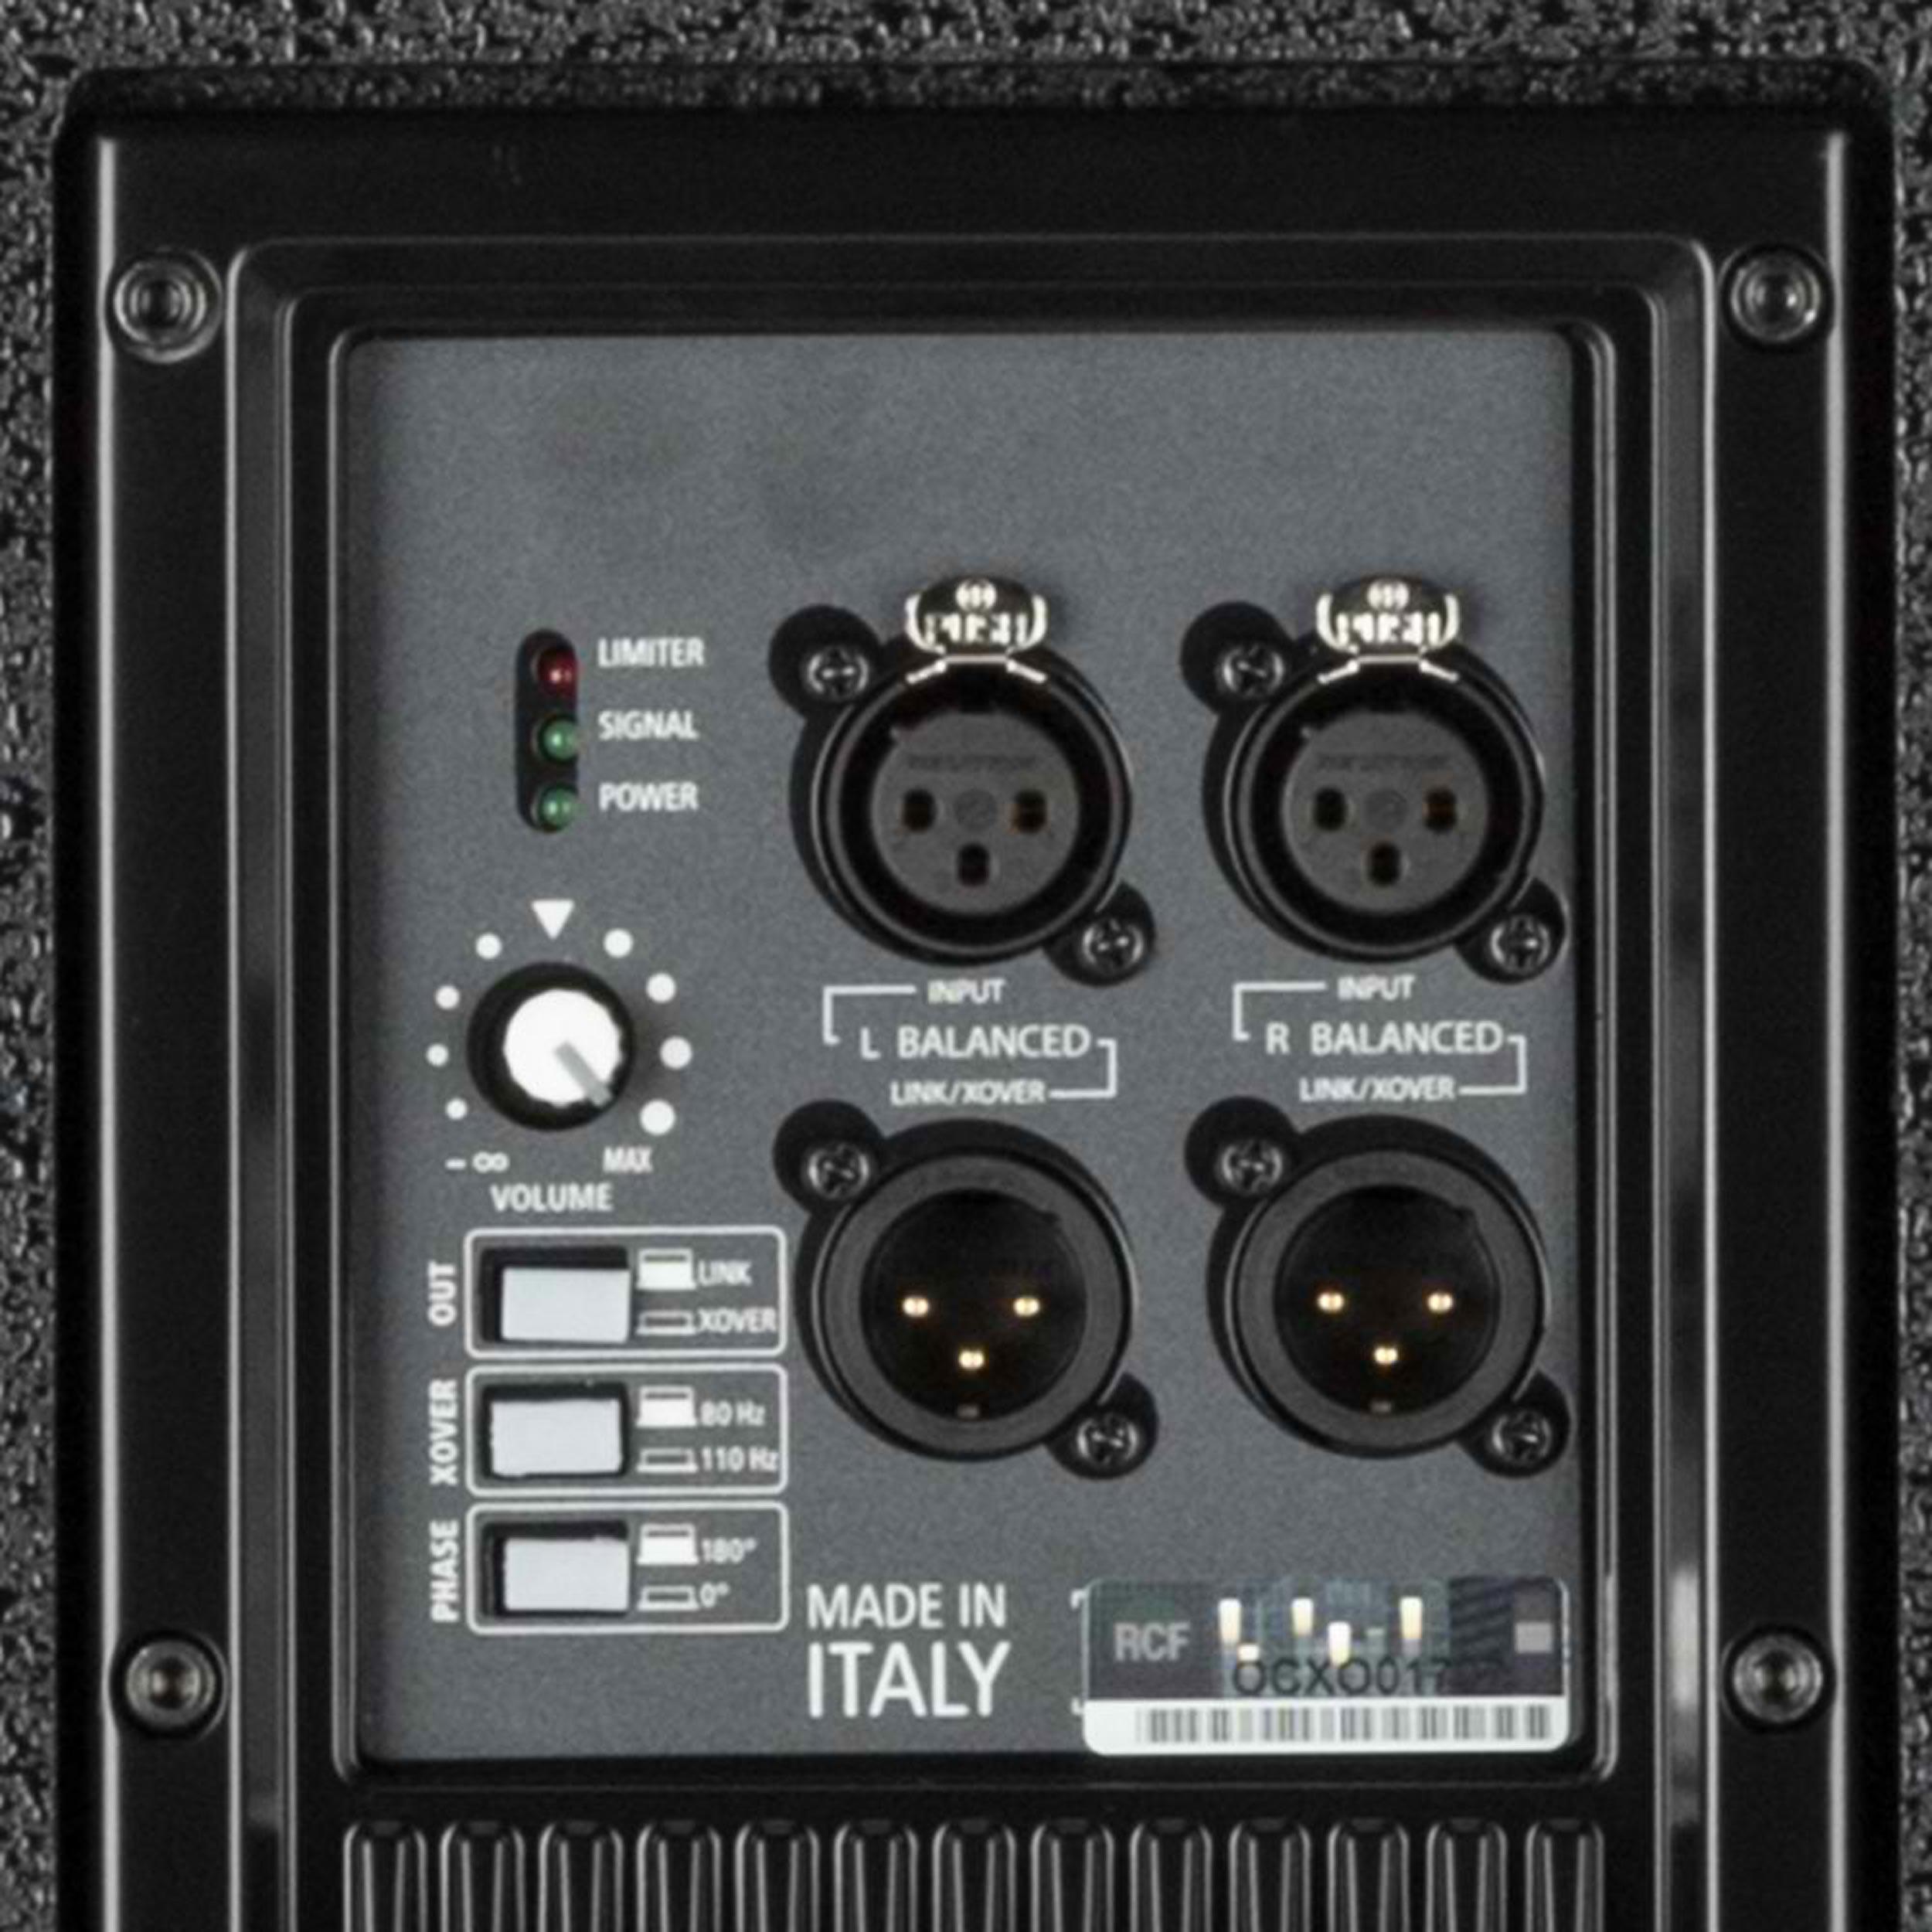 RCF SUB 708-AS II 18